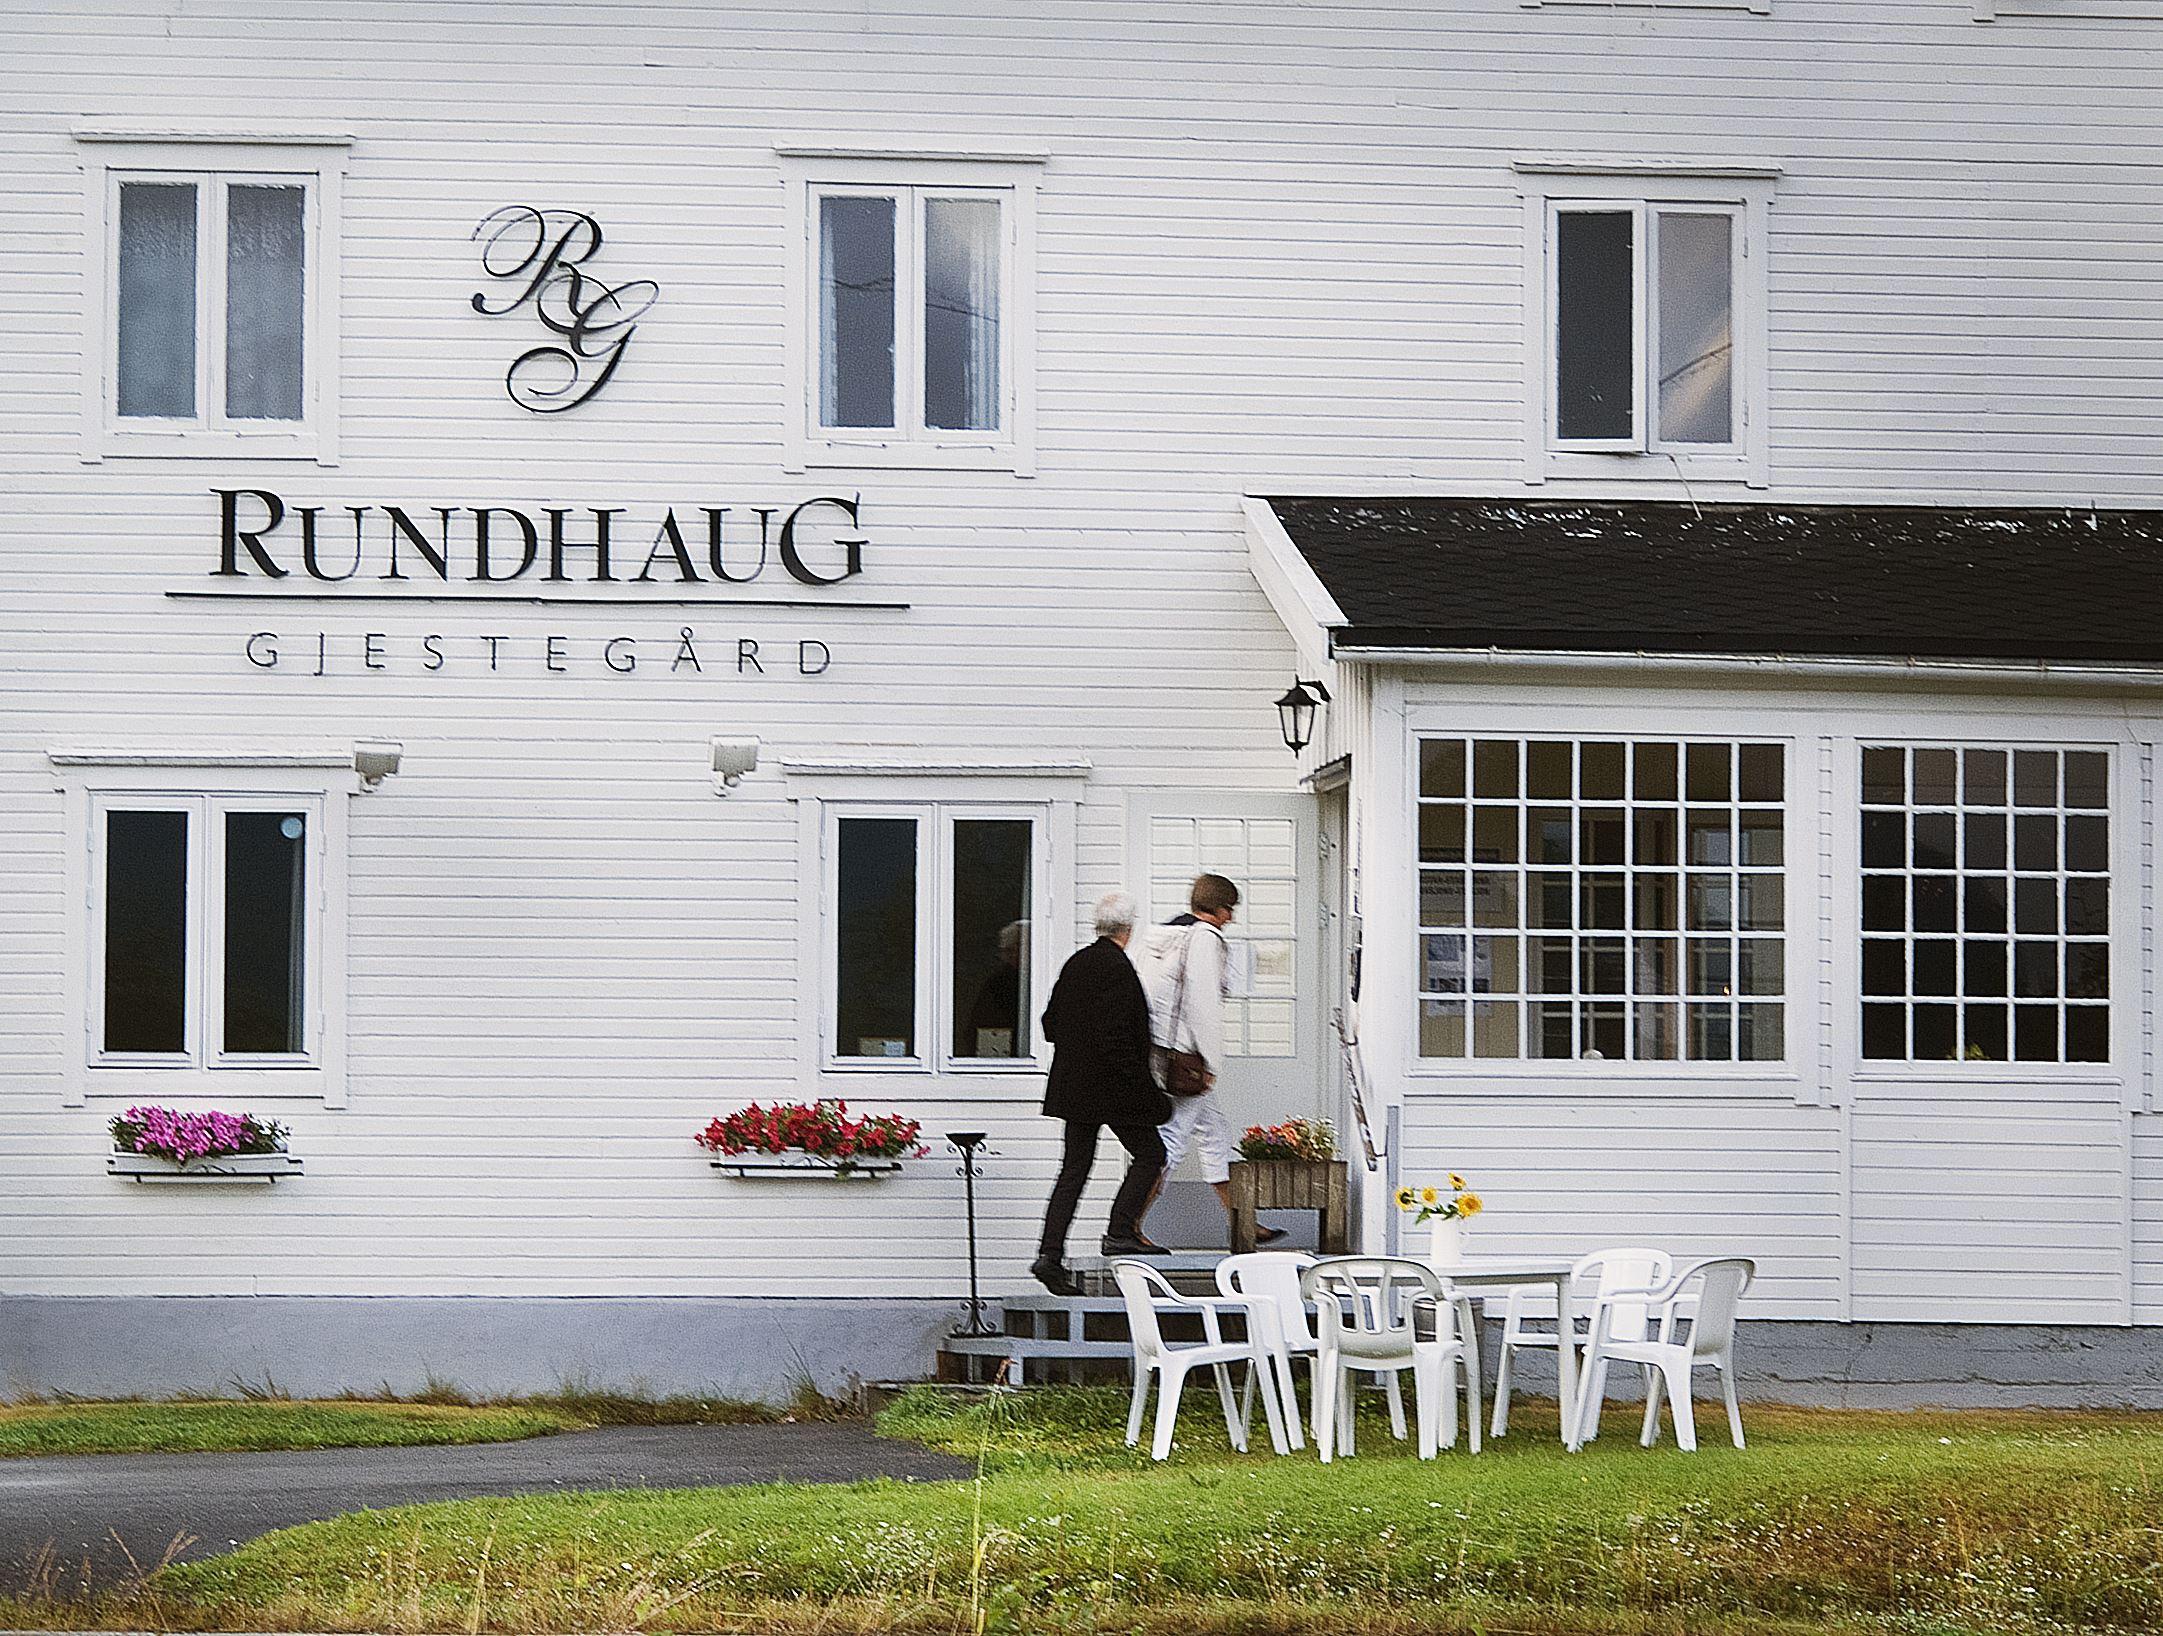 Rundhaug Gjestegård